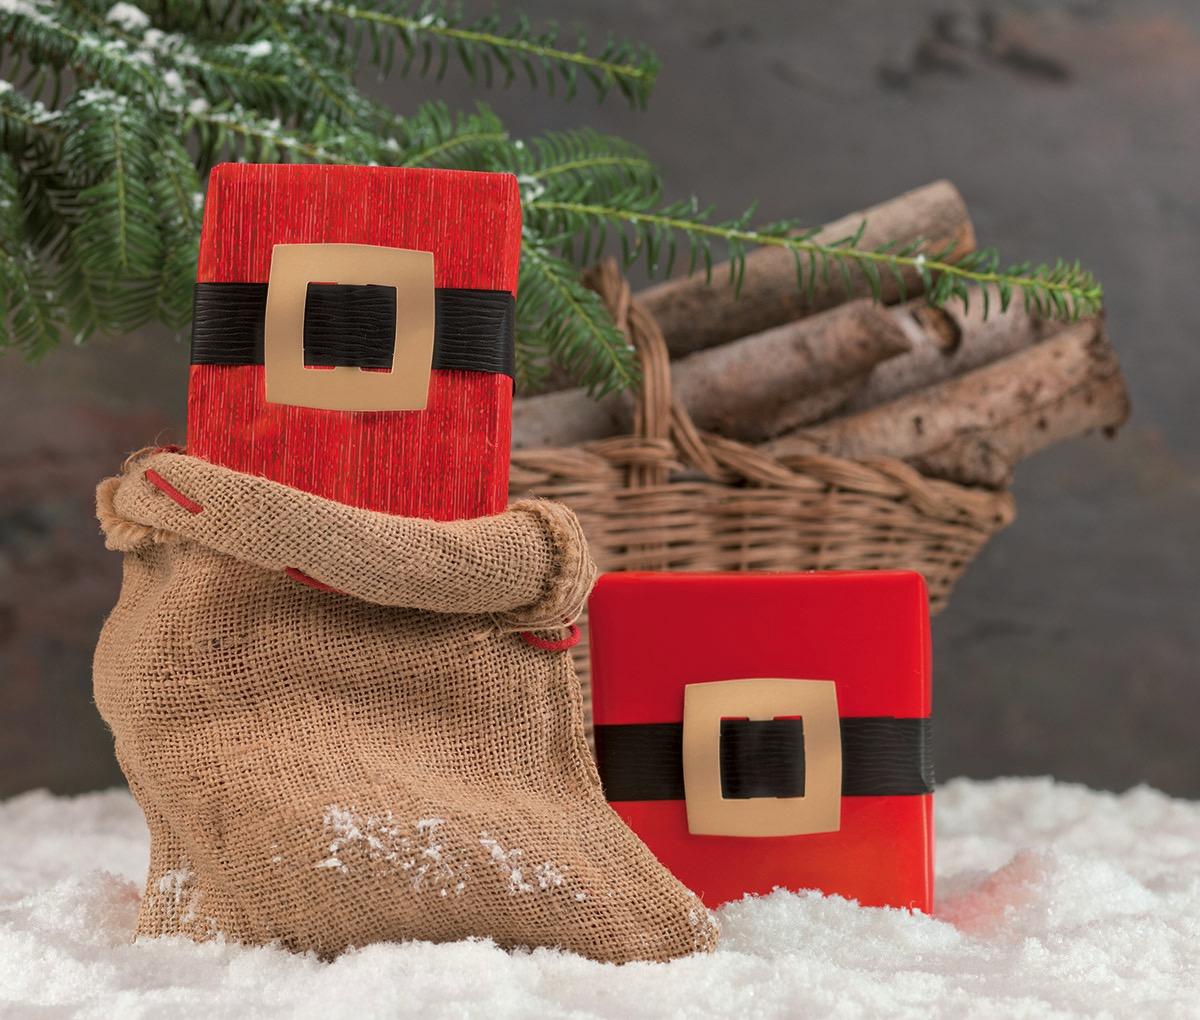 Kit Santa Claus